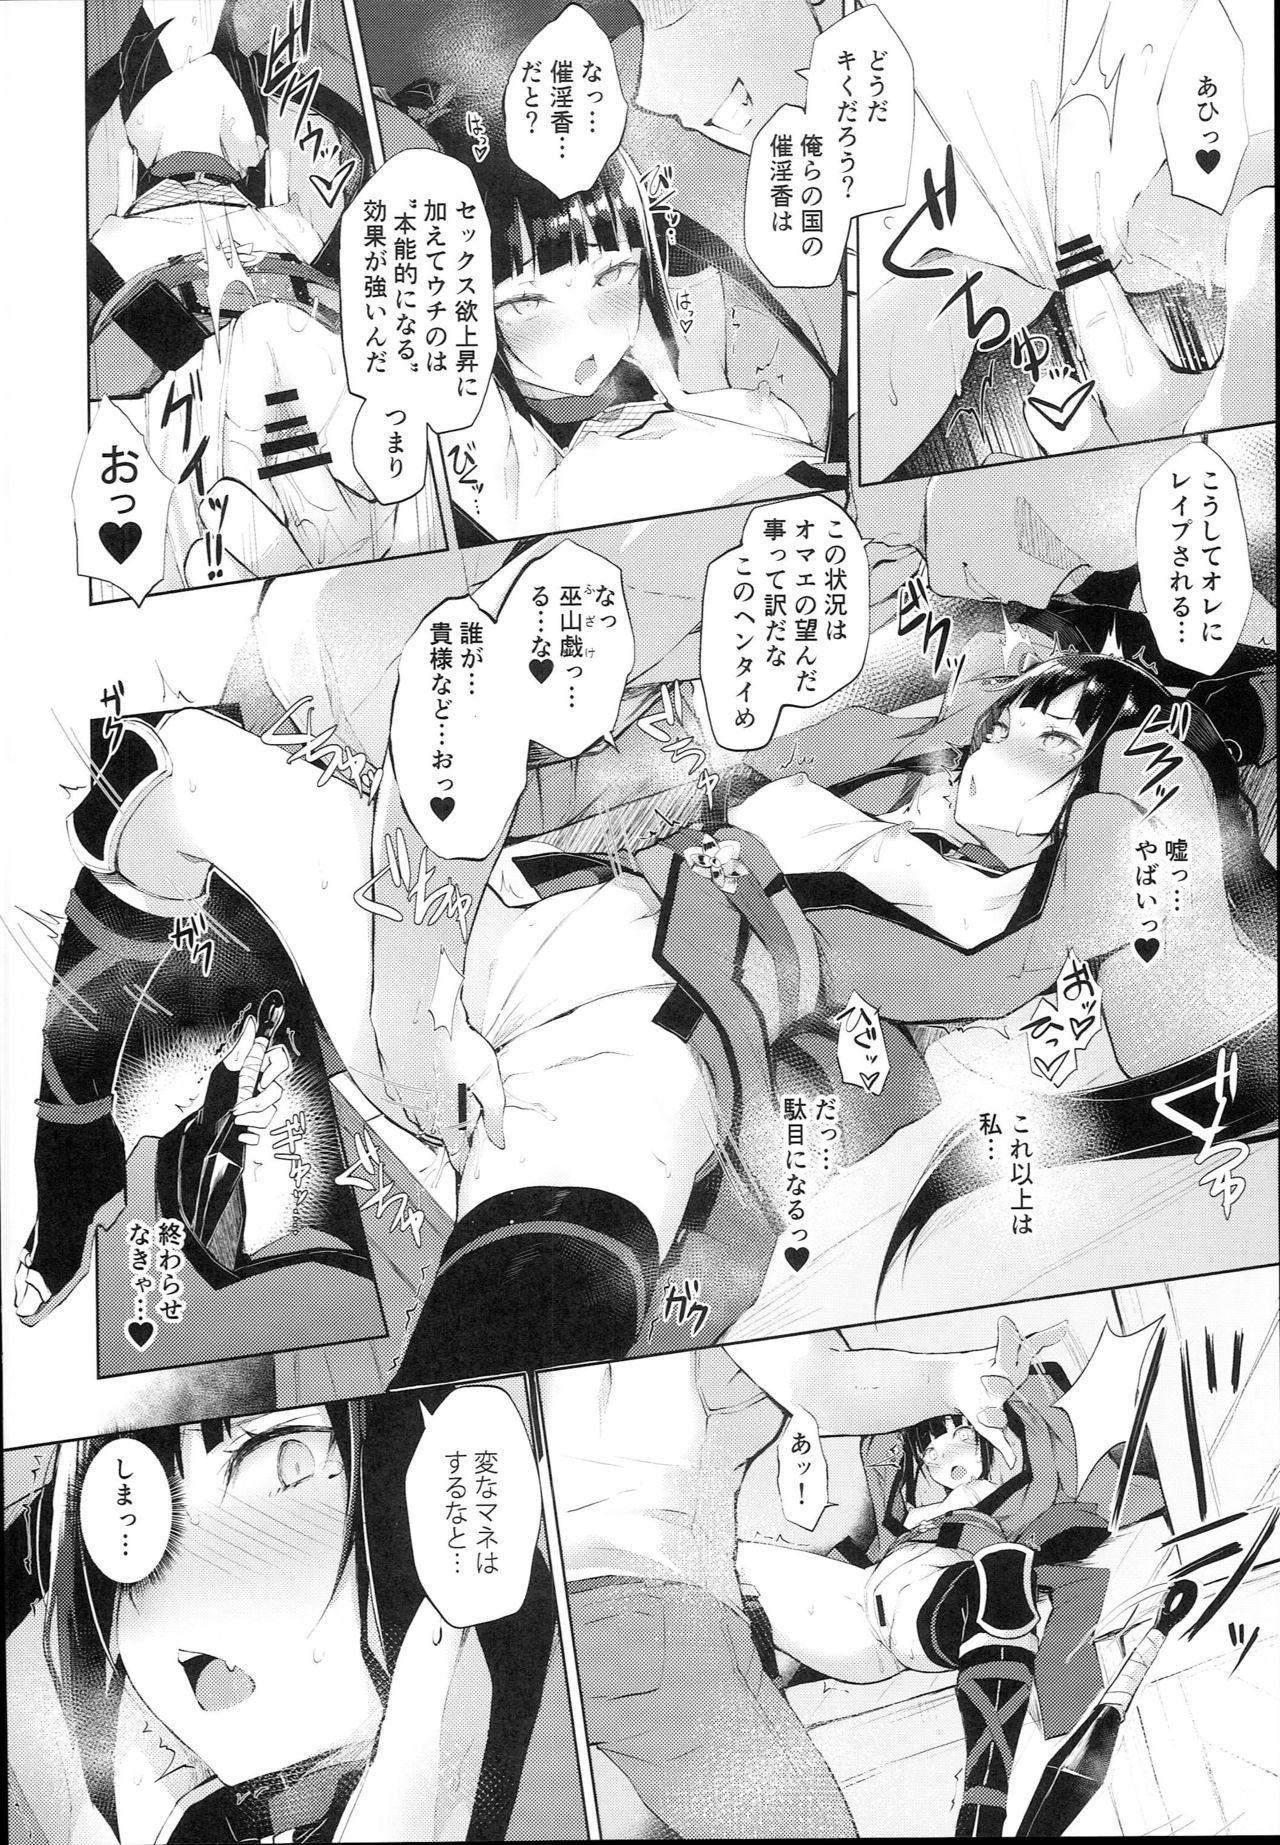 Ingoku no Hana 13